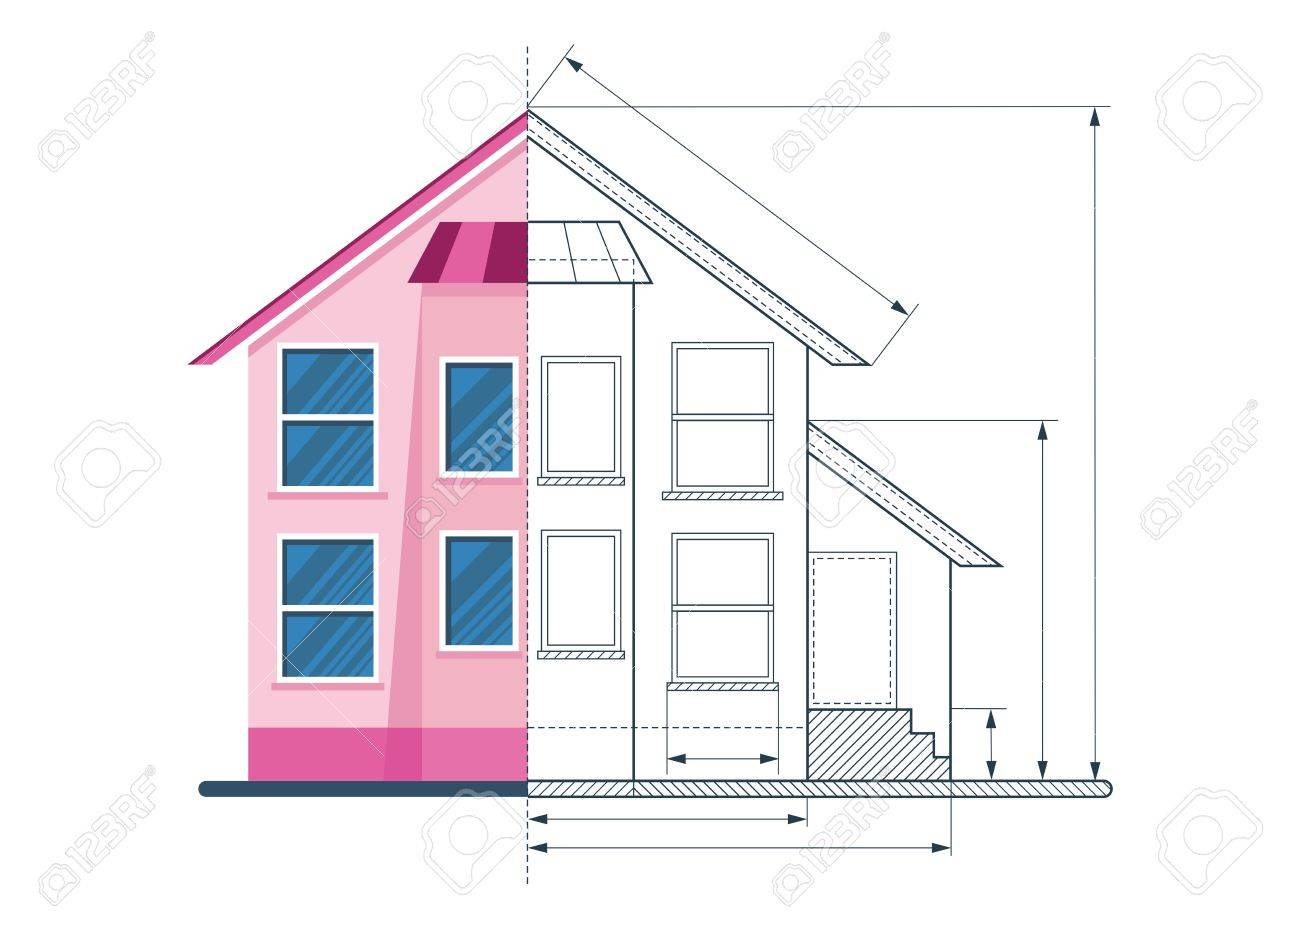 Estructura Metálica Que Drenan El Modelo De La Casa Clásica Objetos Aislados Sobre Fondo Blanco Ilustración Vectorial De Dibujos Animados Plana